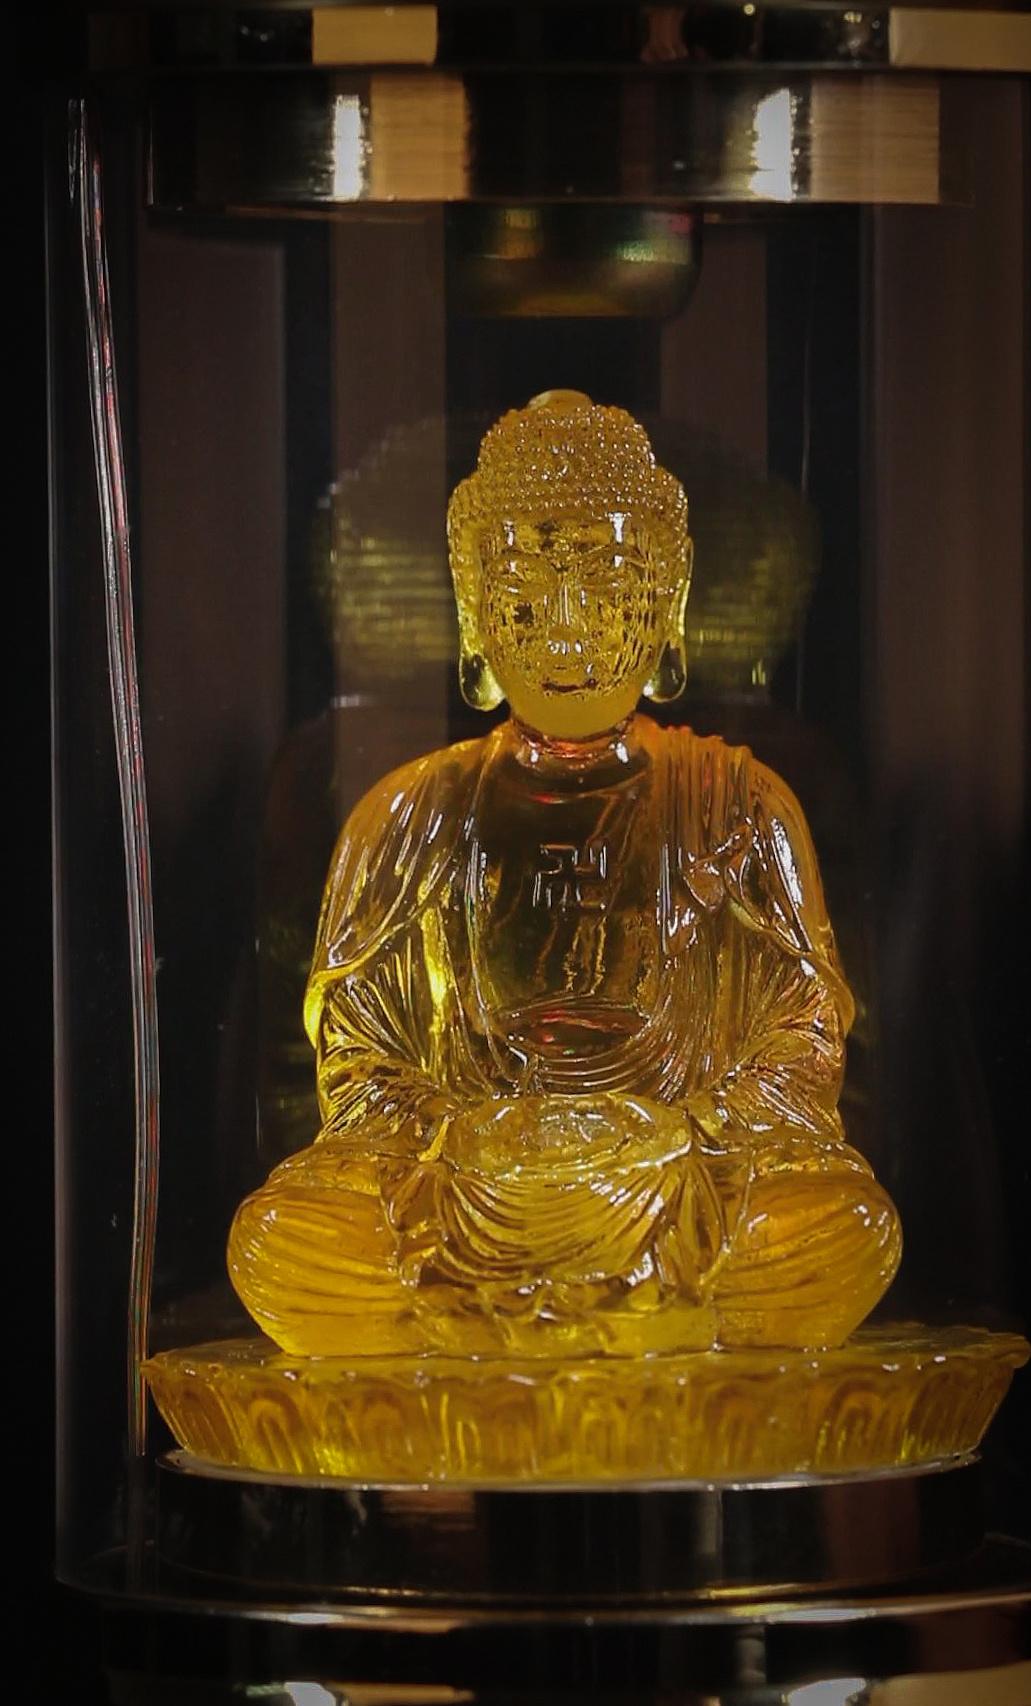 佛教音乐机拍摄淘宝广告拍摄泉州佛教产品小视金克拉用品视频图片